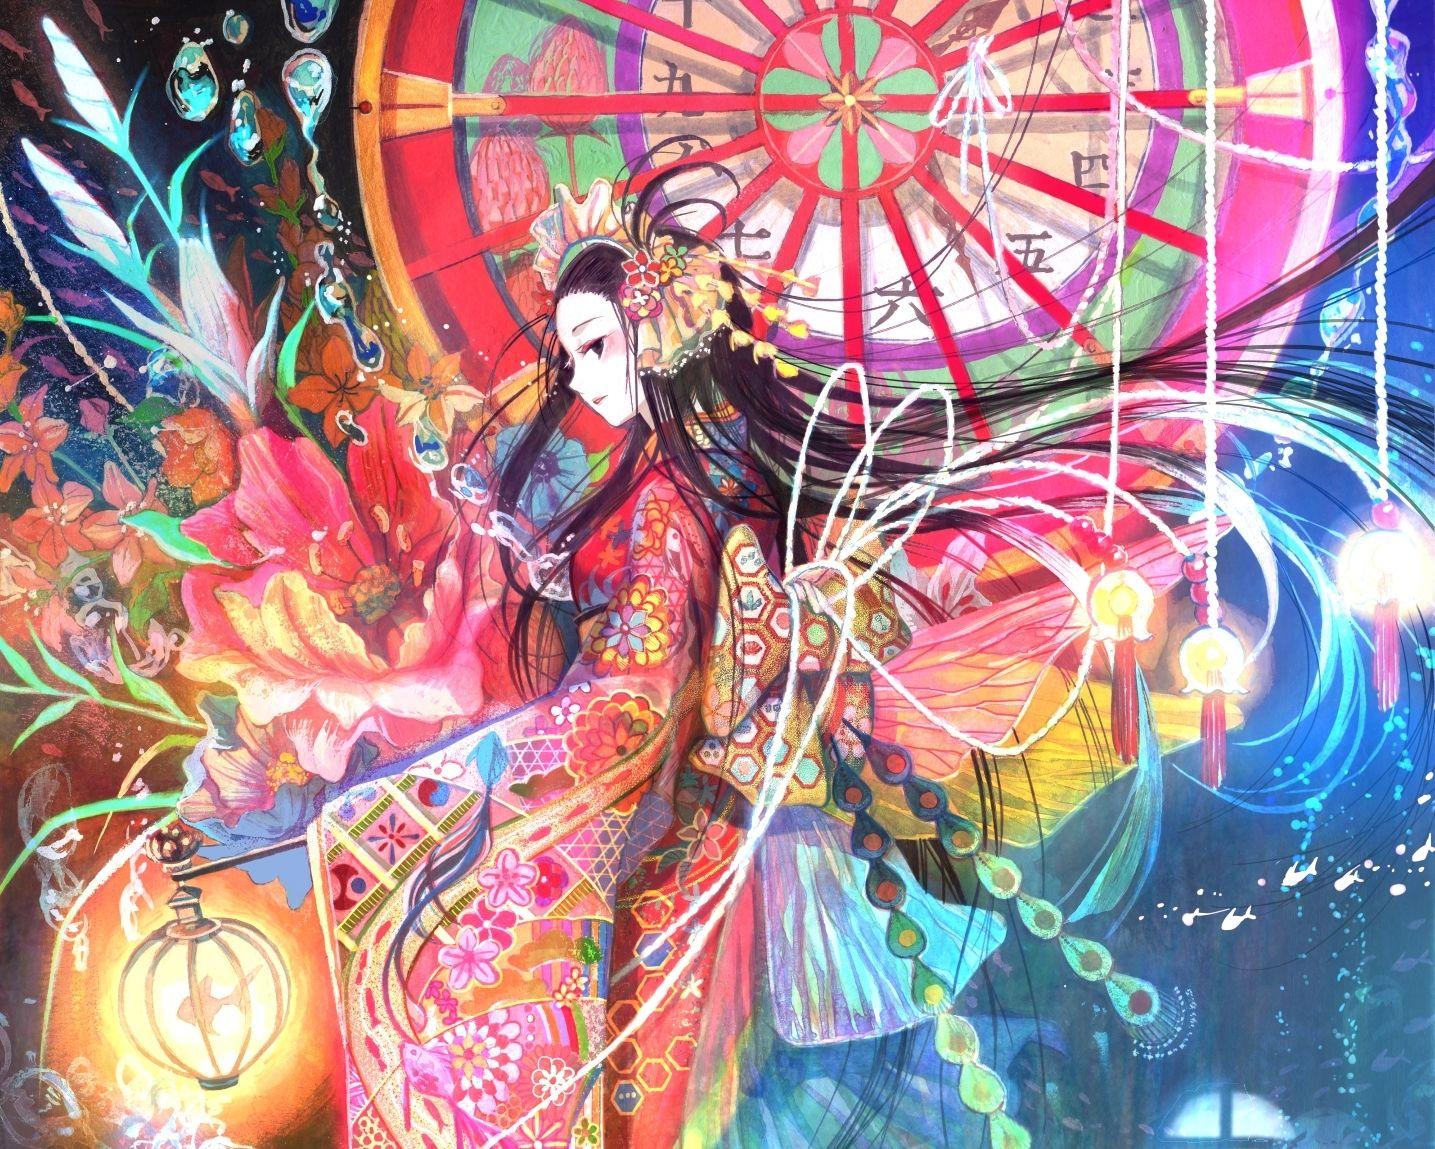 Princess Kaguya Decending Fuji choko Japan is epic